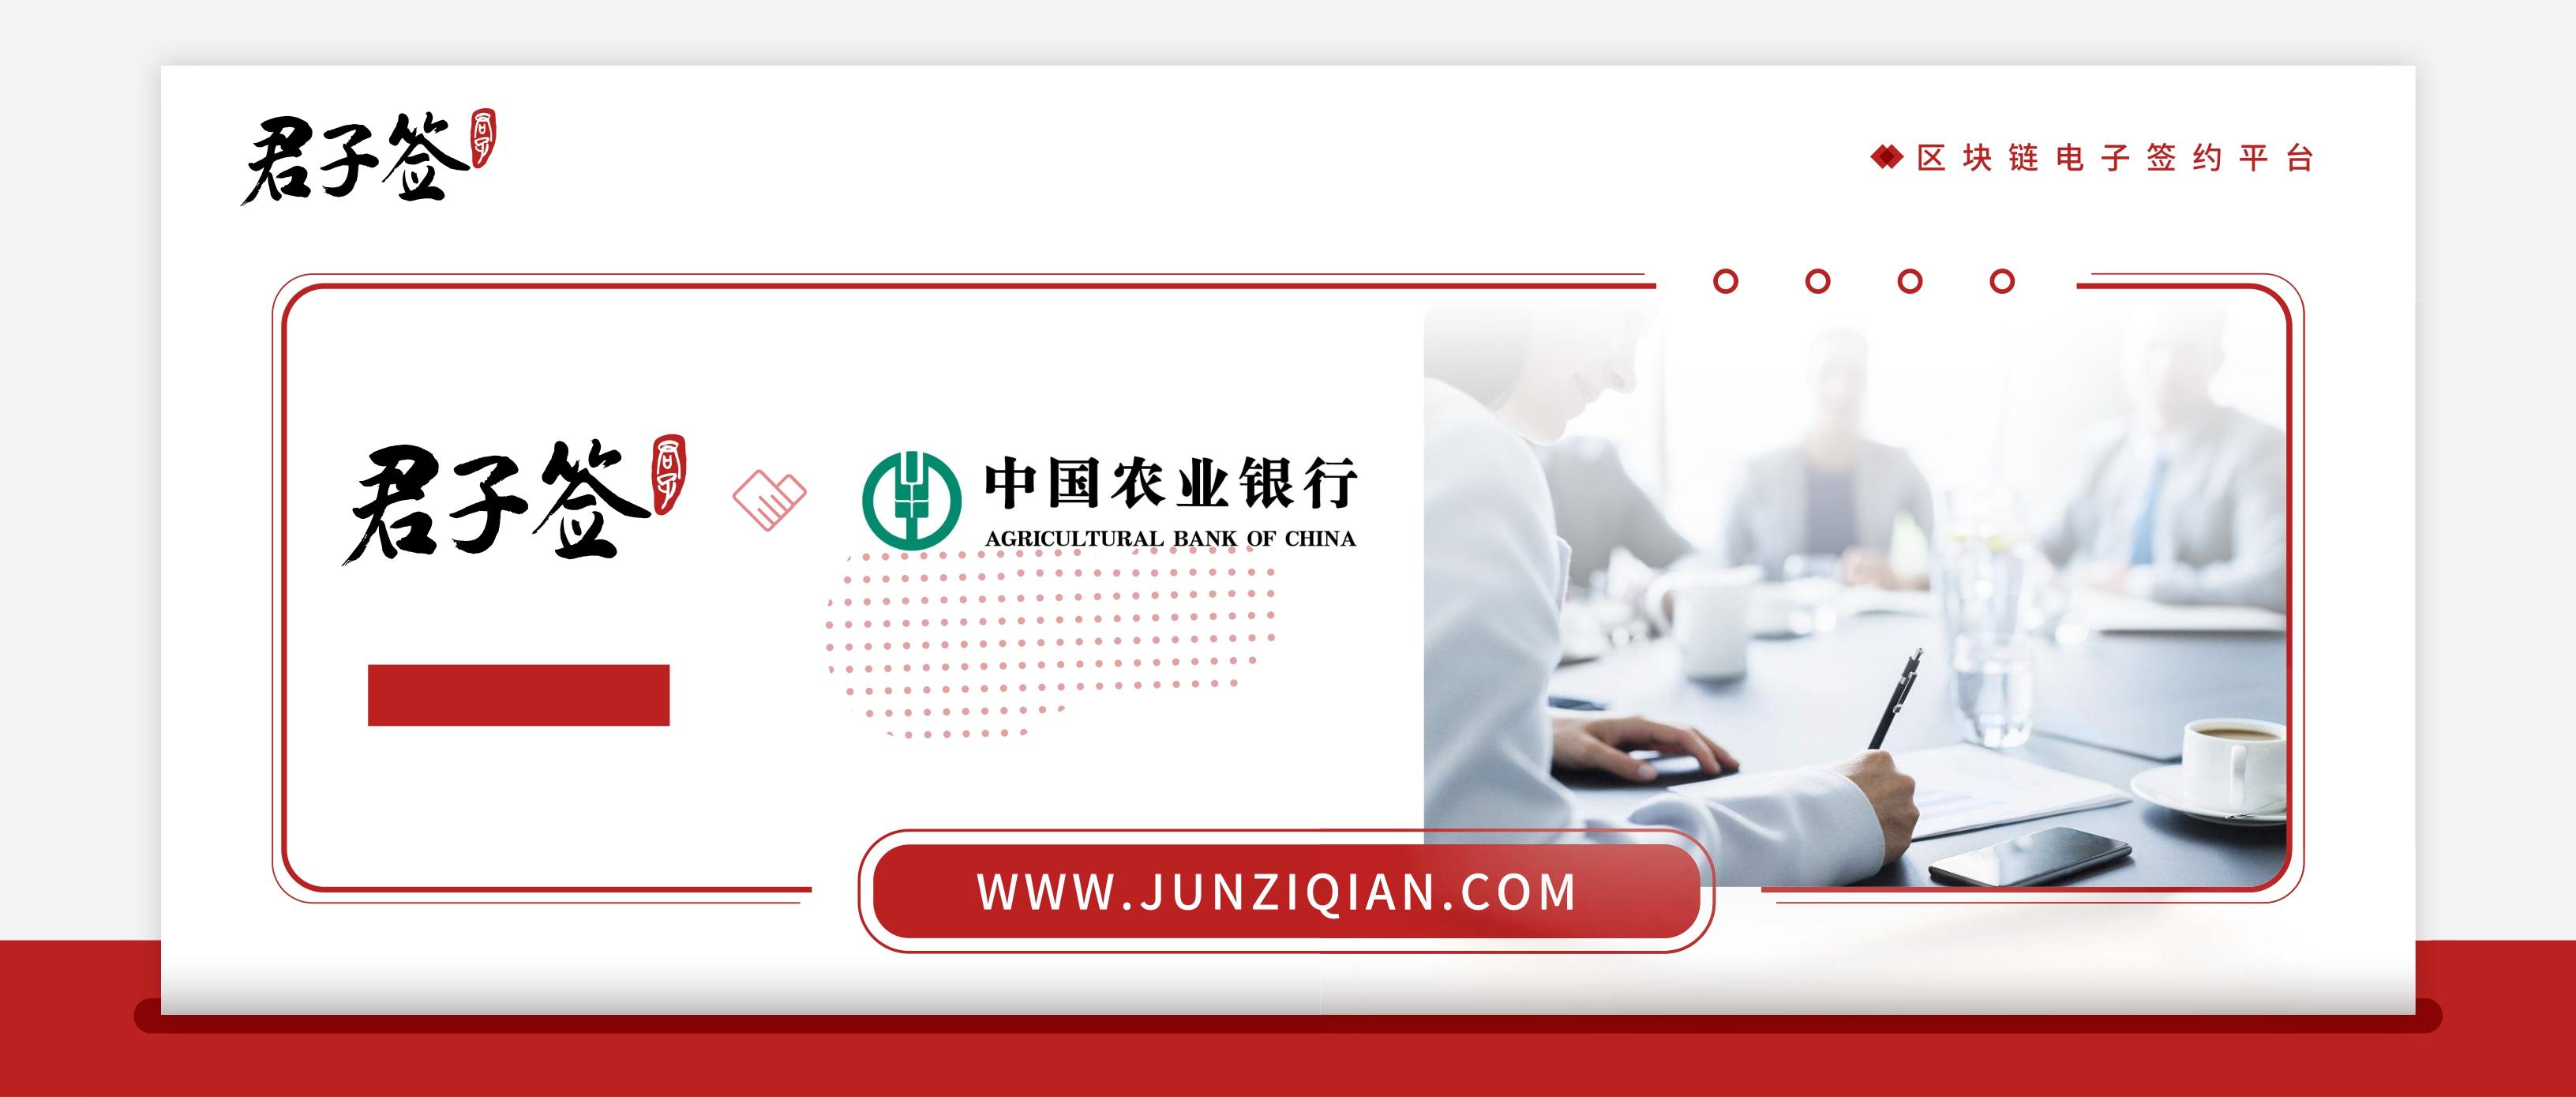 中国农业银行与君子签达成合作,区块链电子合同构建银行借贷安全闭环